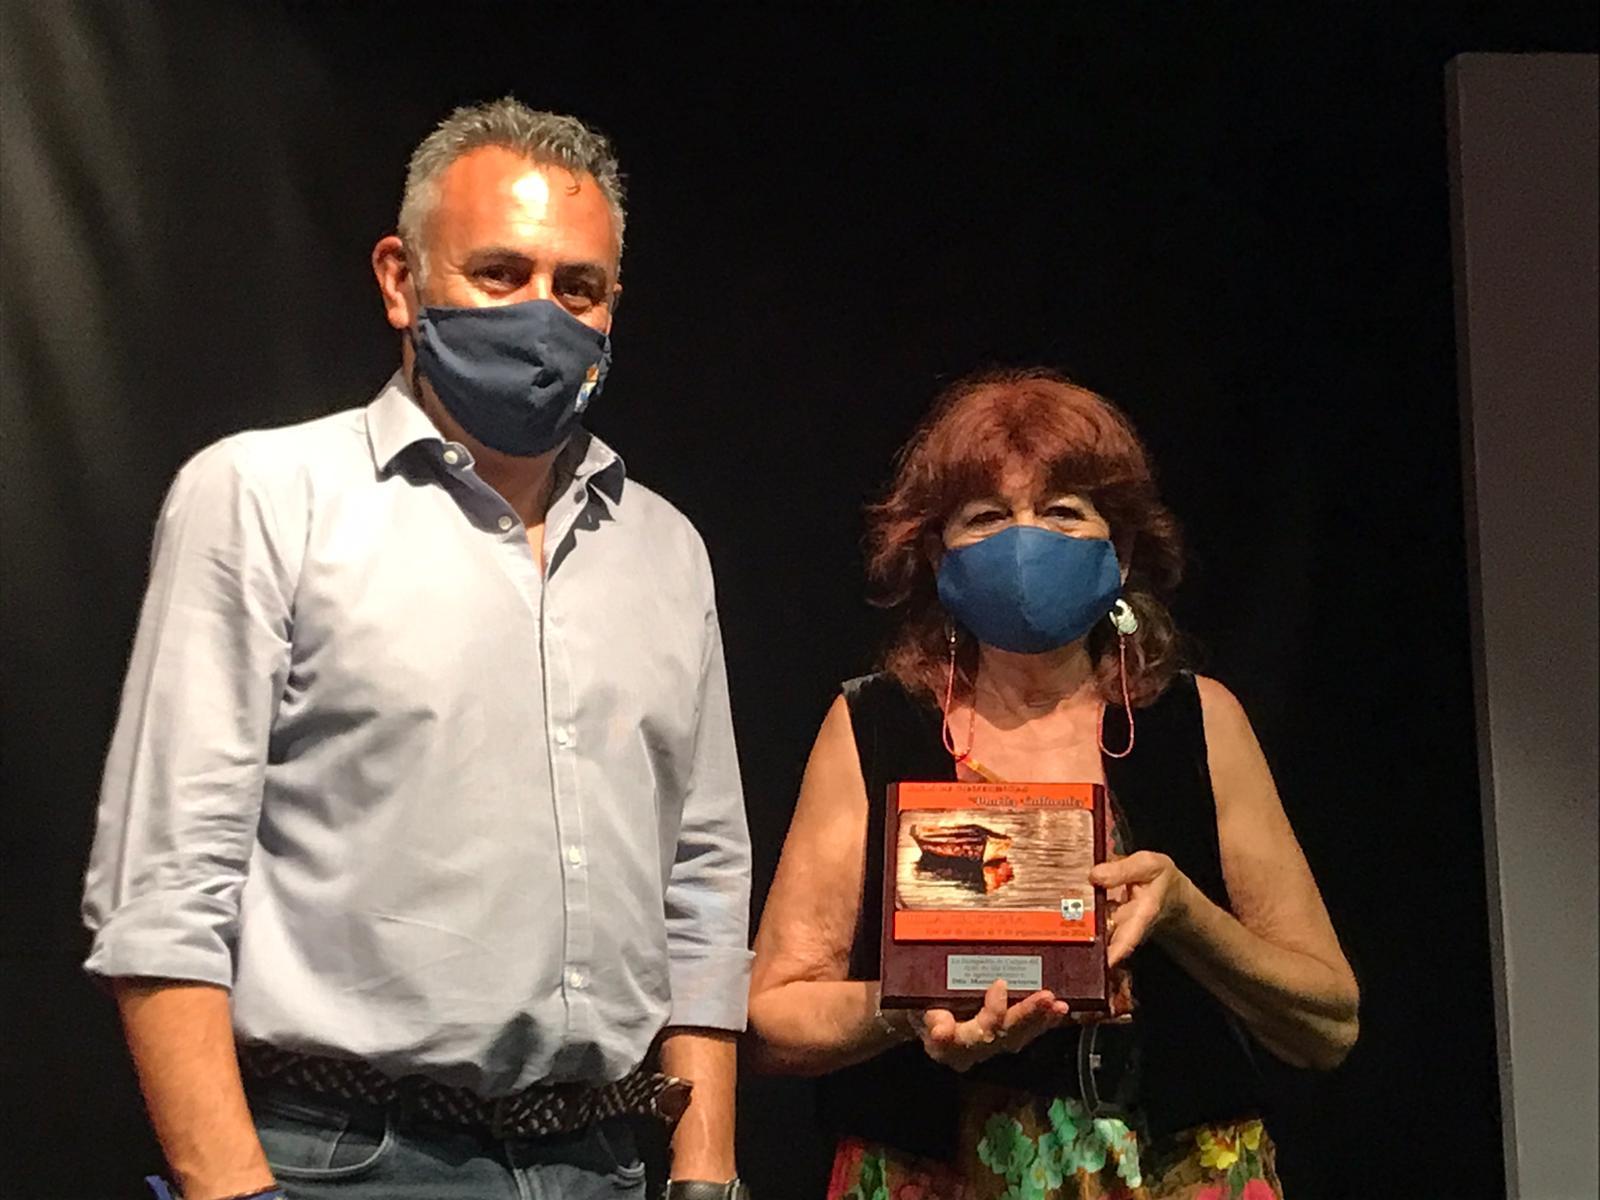 Continua celebrándose el ciclo de ponencias 'Martes Culturales' en Isla Cristina